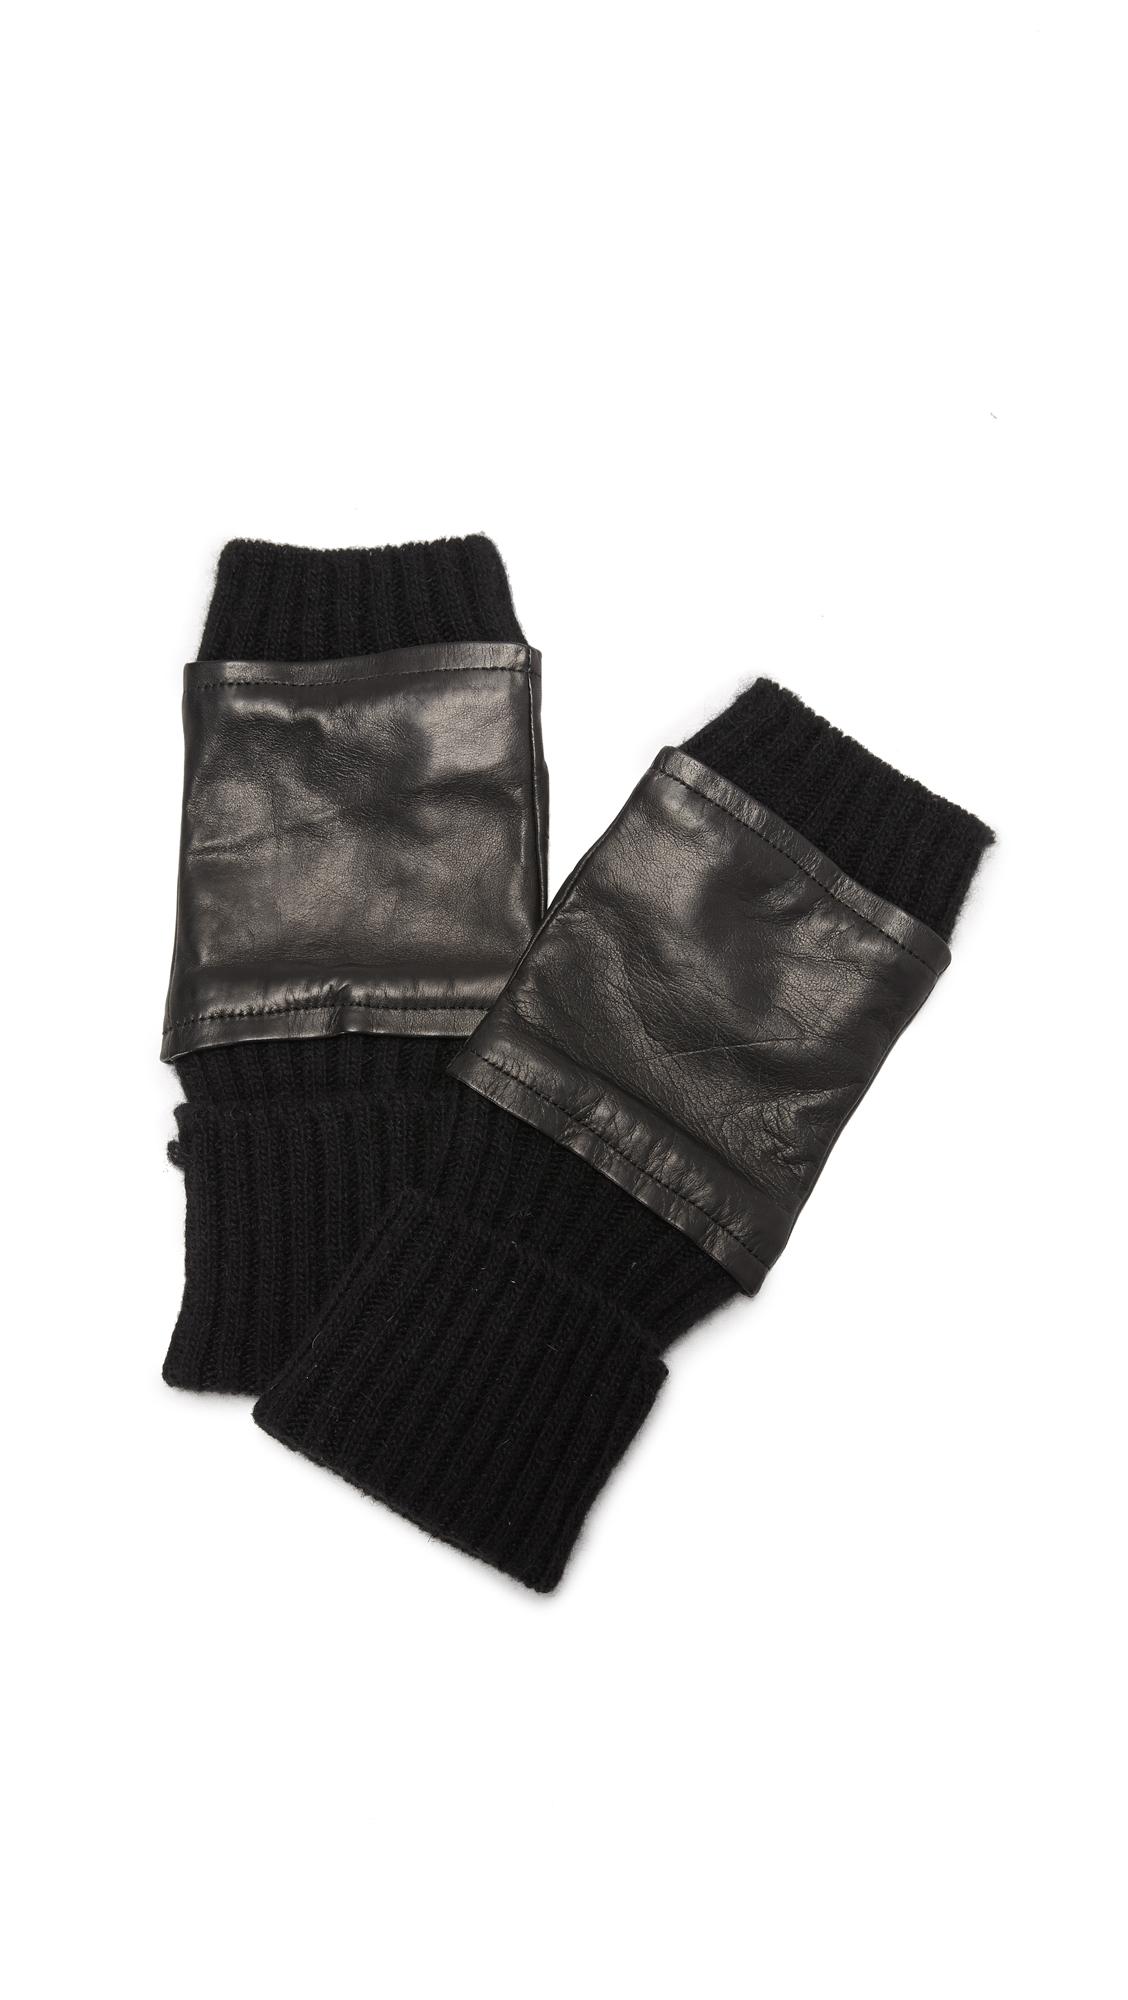 Fingerless Knit & Leather Gloves